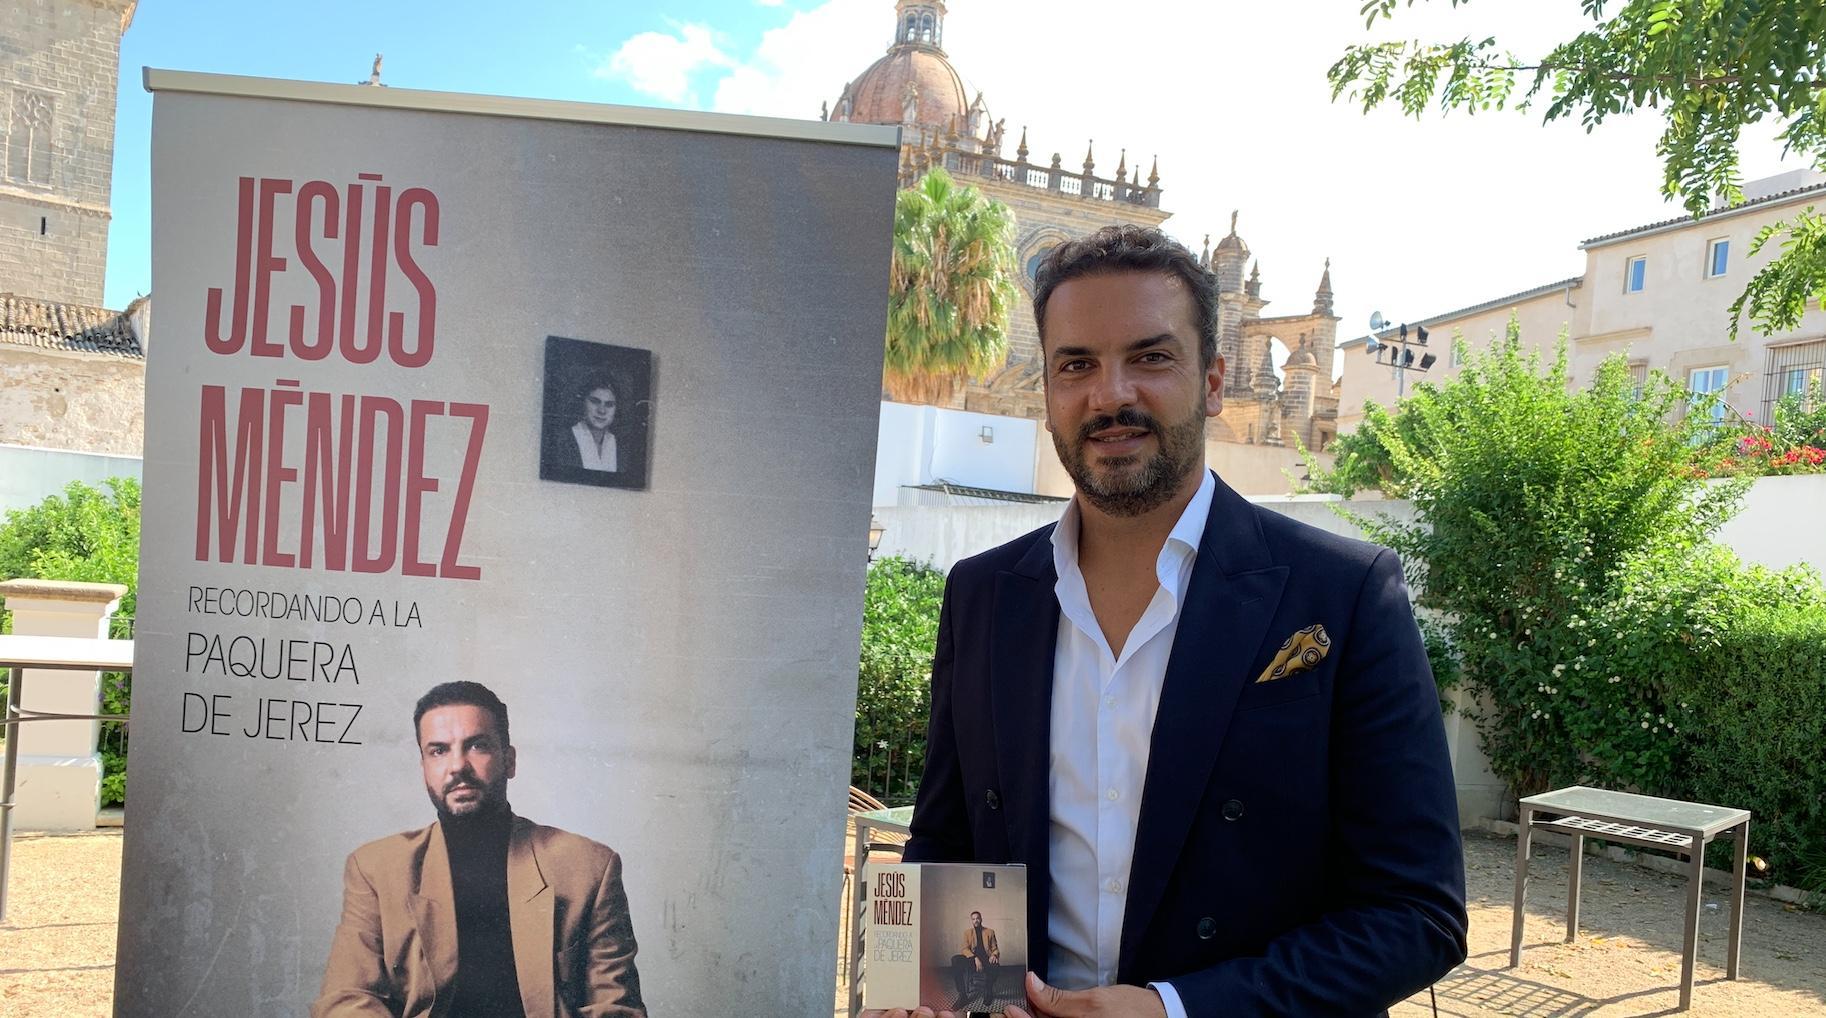 Jesús Méndez presenta su cuarto trabajo discográfico: 'Recordando a La Paquera de Jerez'